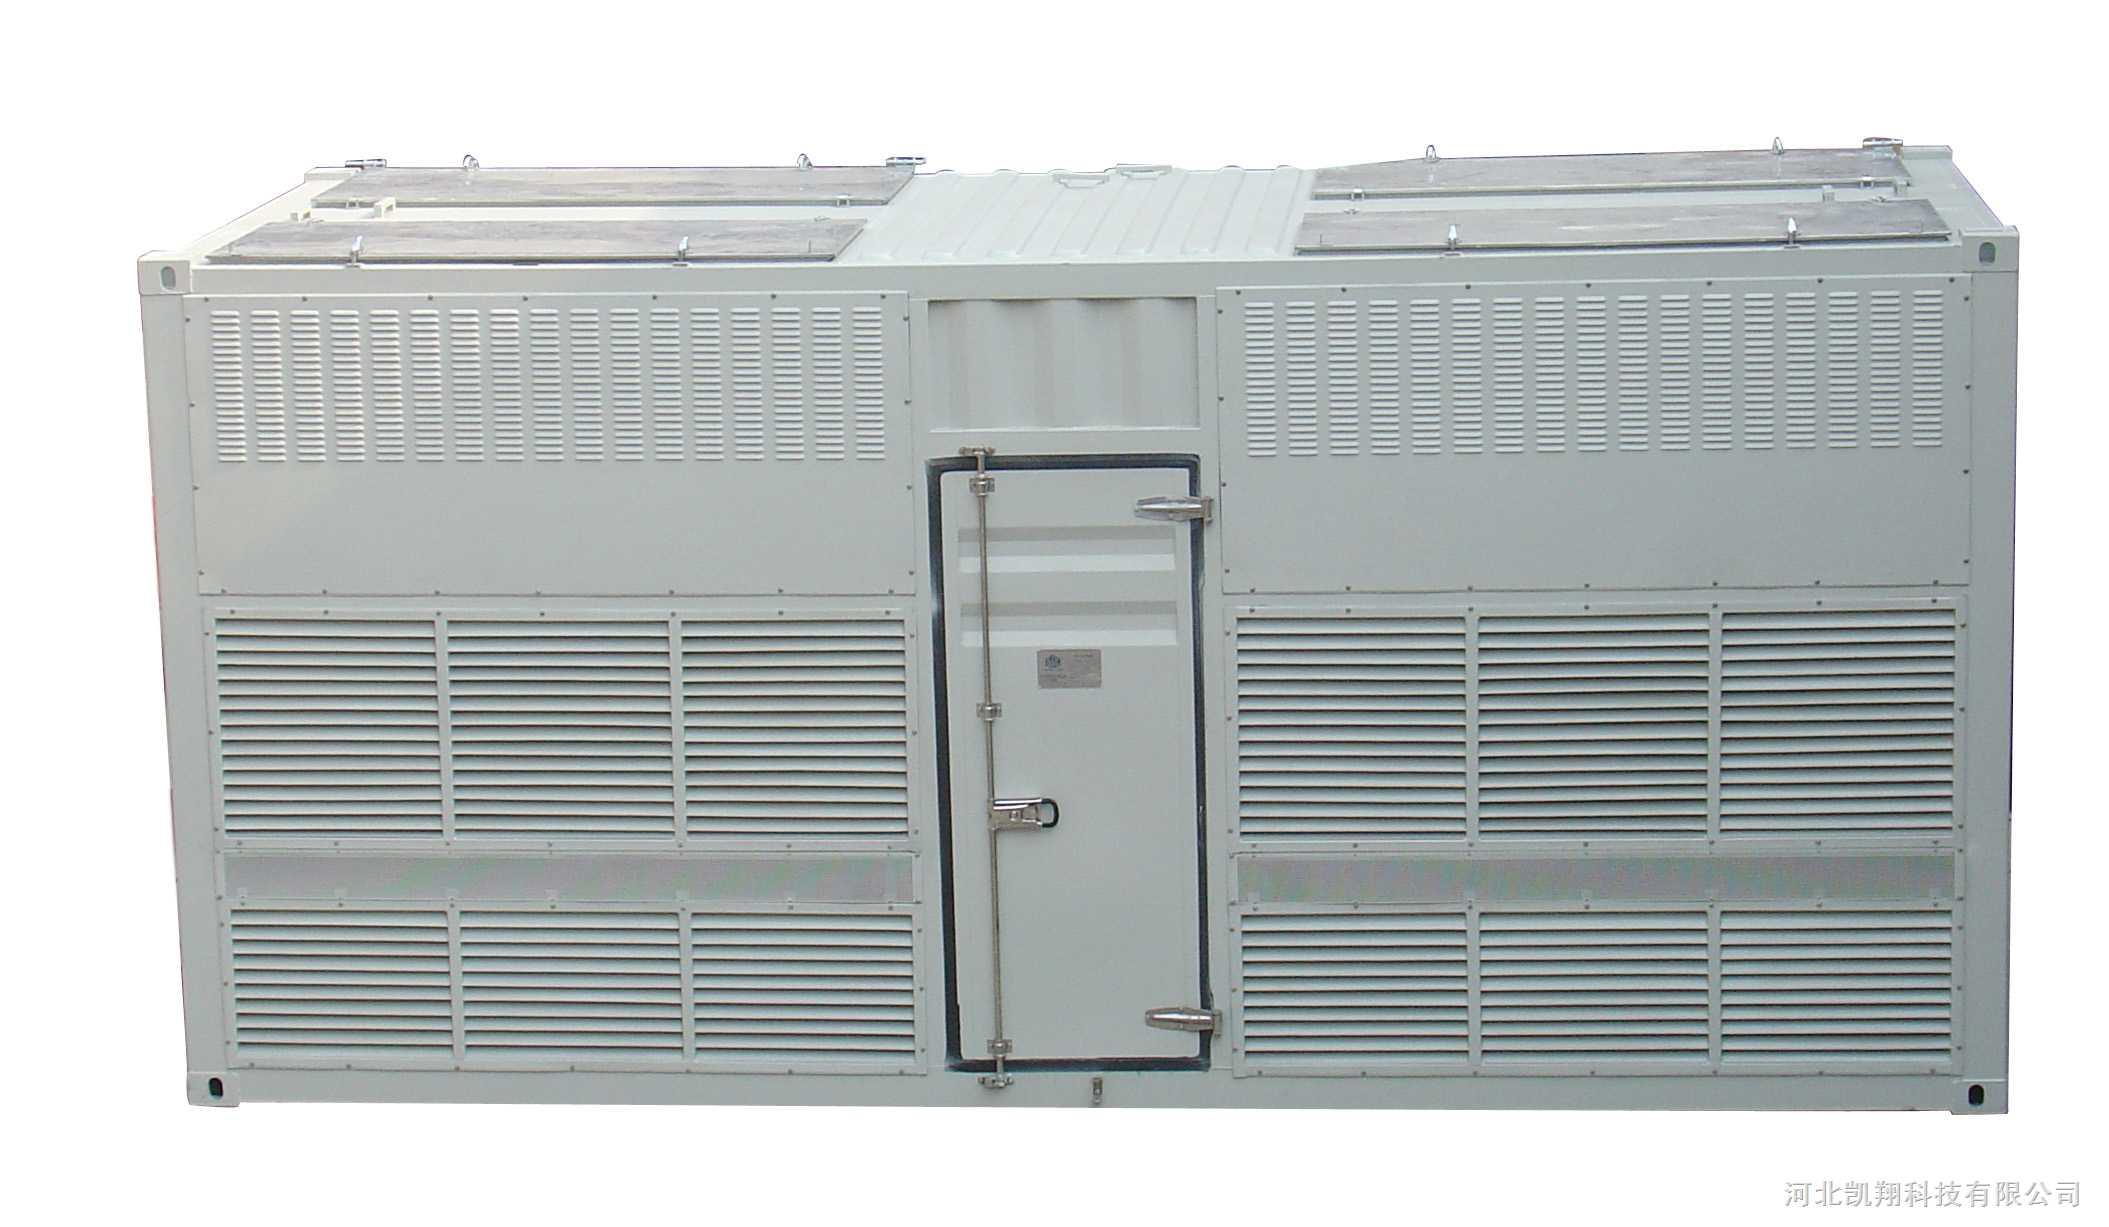 铁路机车发电机干式负载柜-13230166993